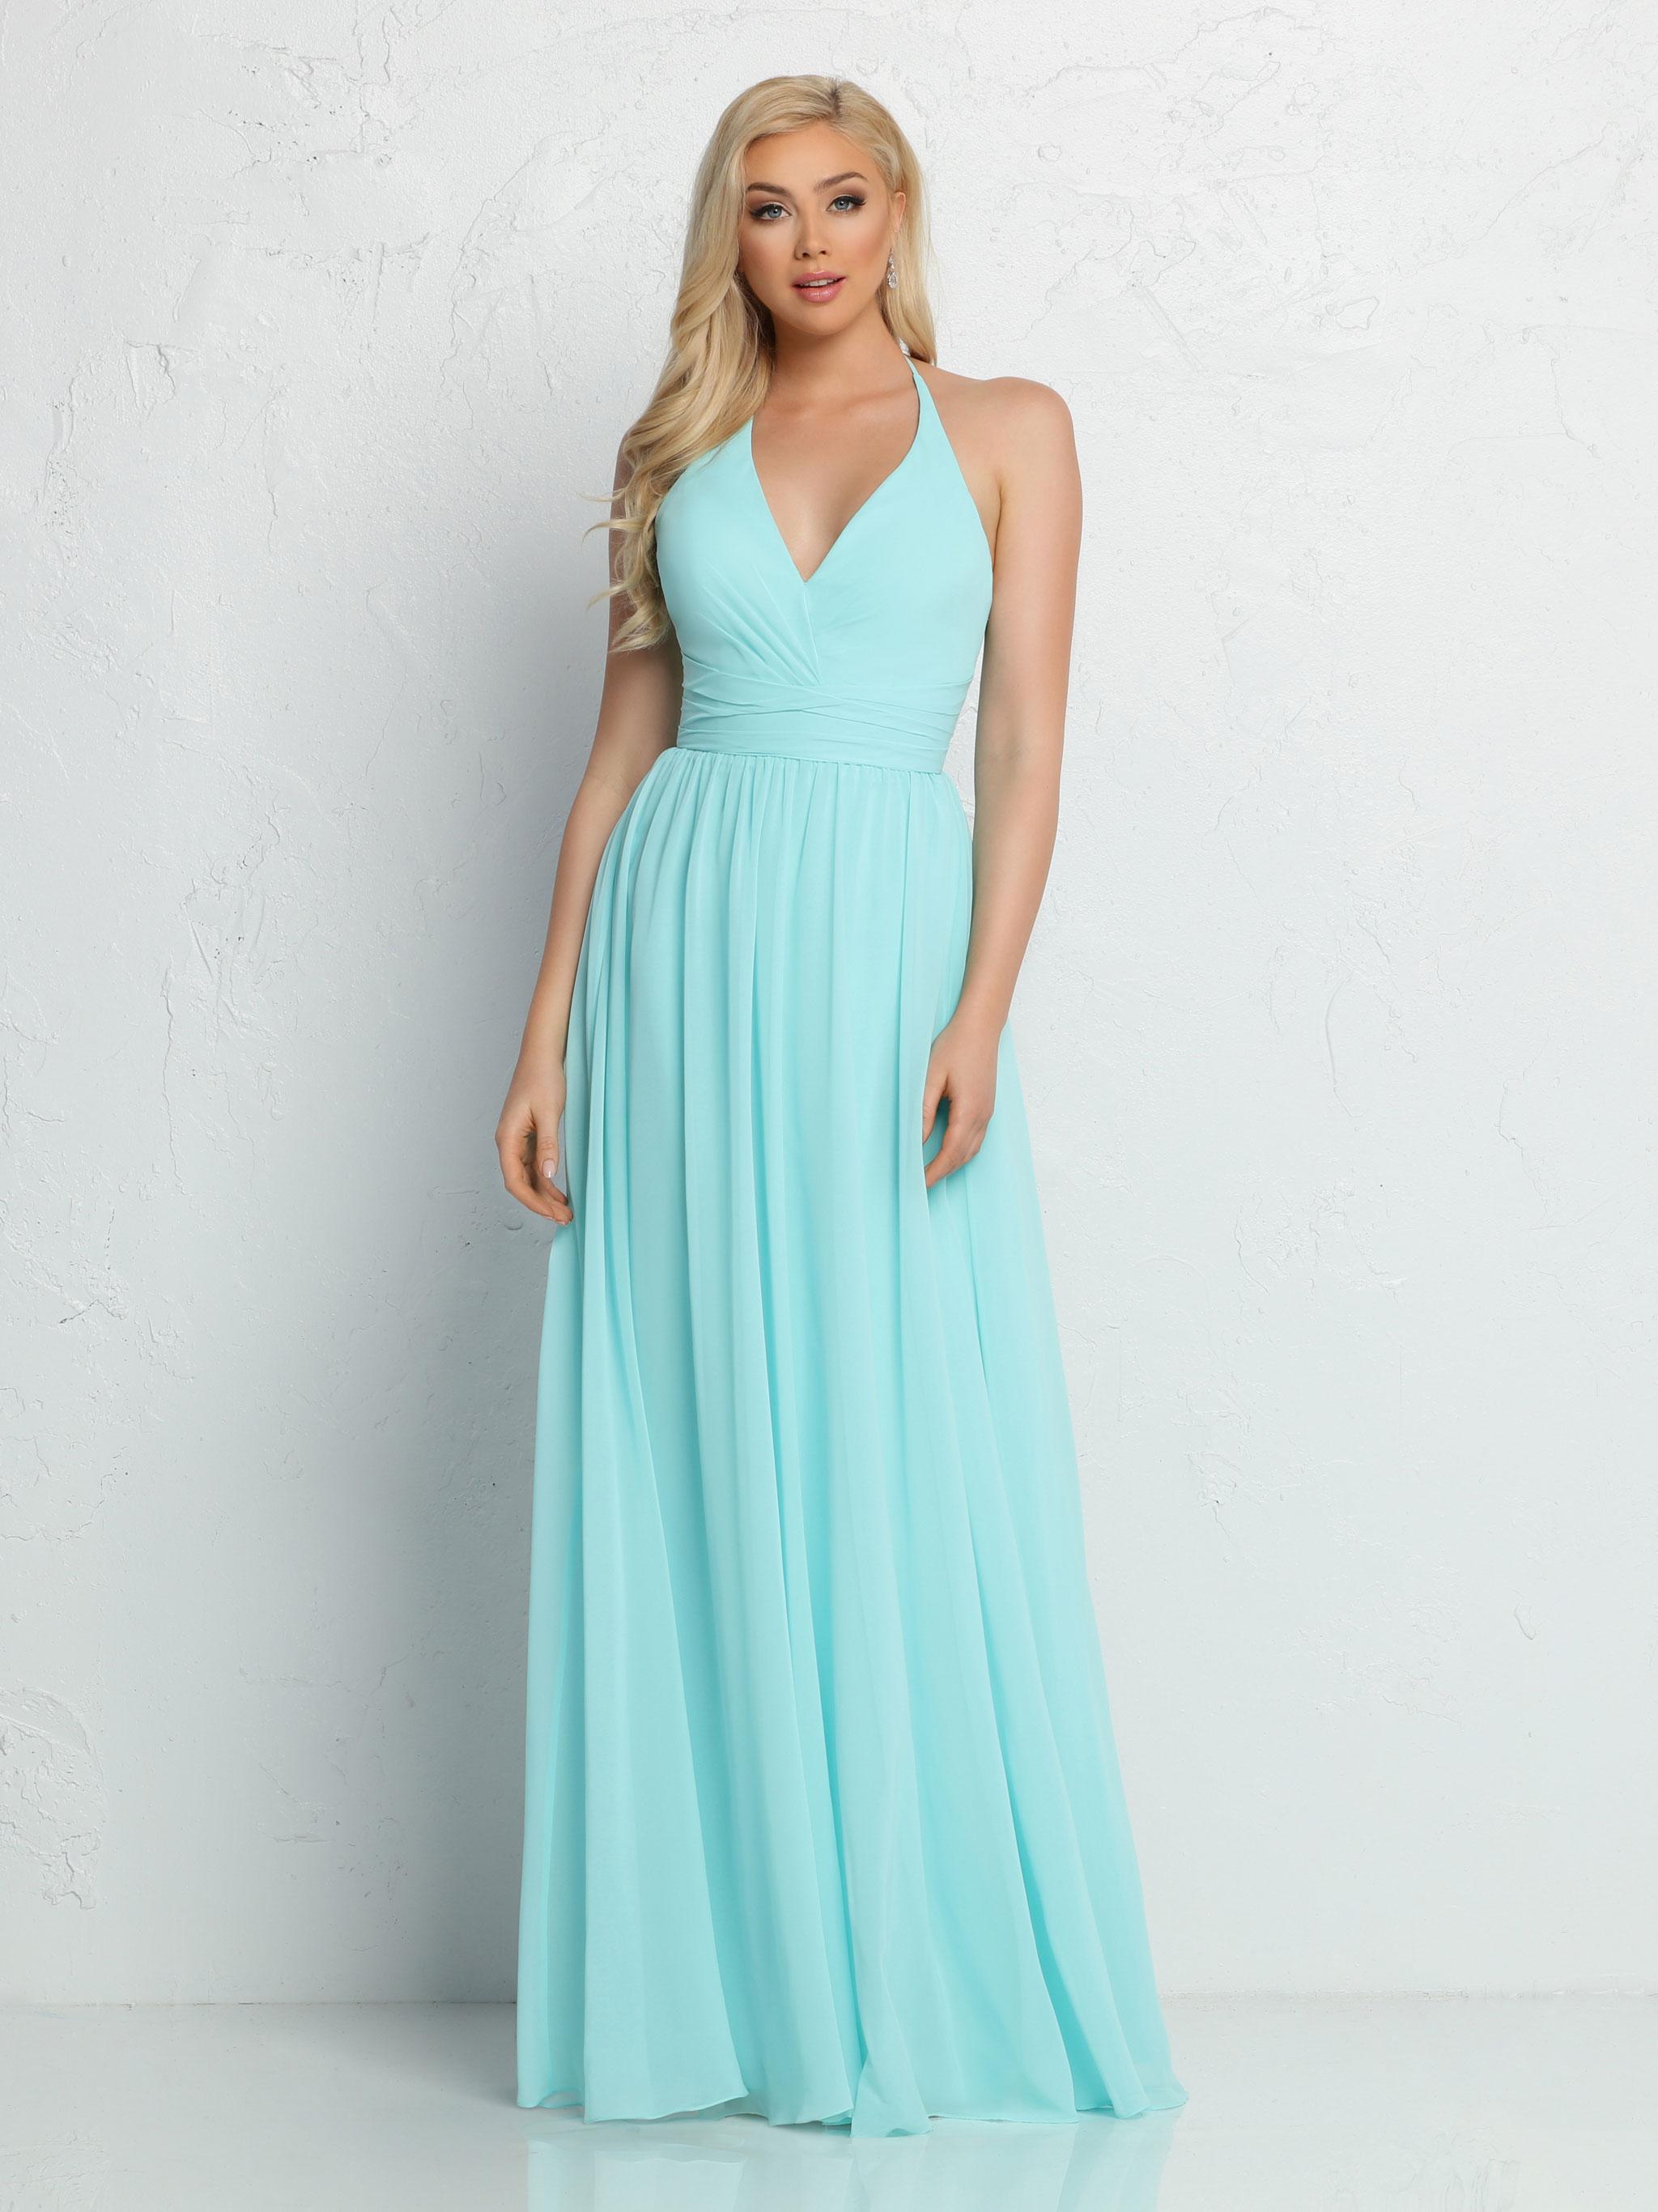 Pastel Prom & Graduation Party Dresses